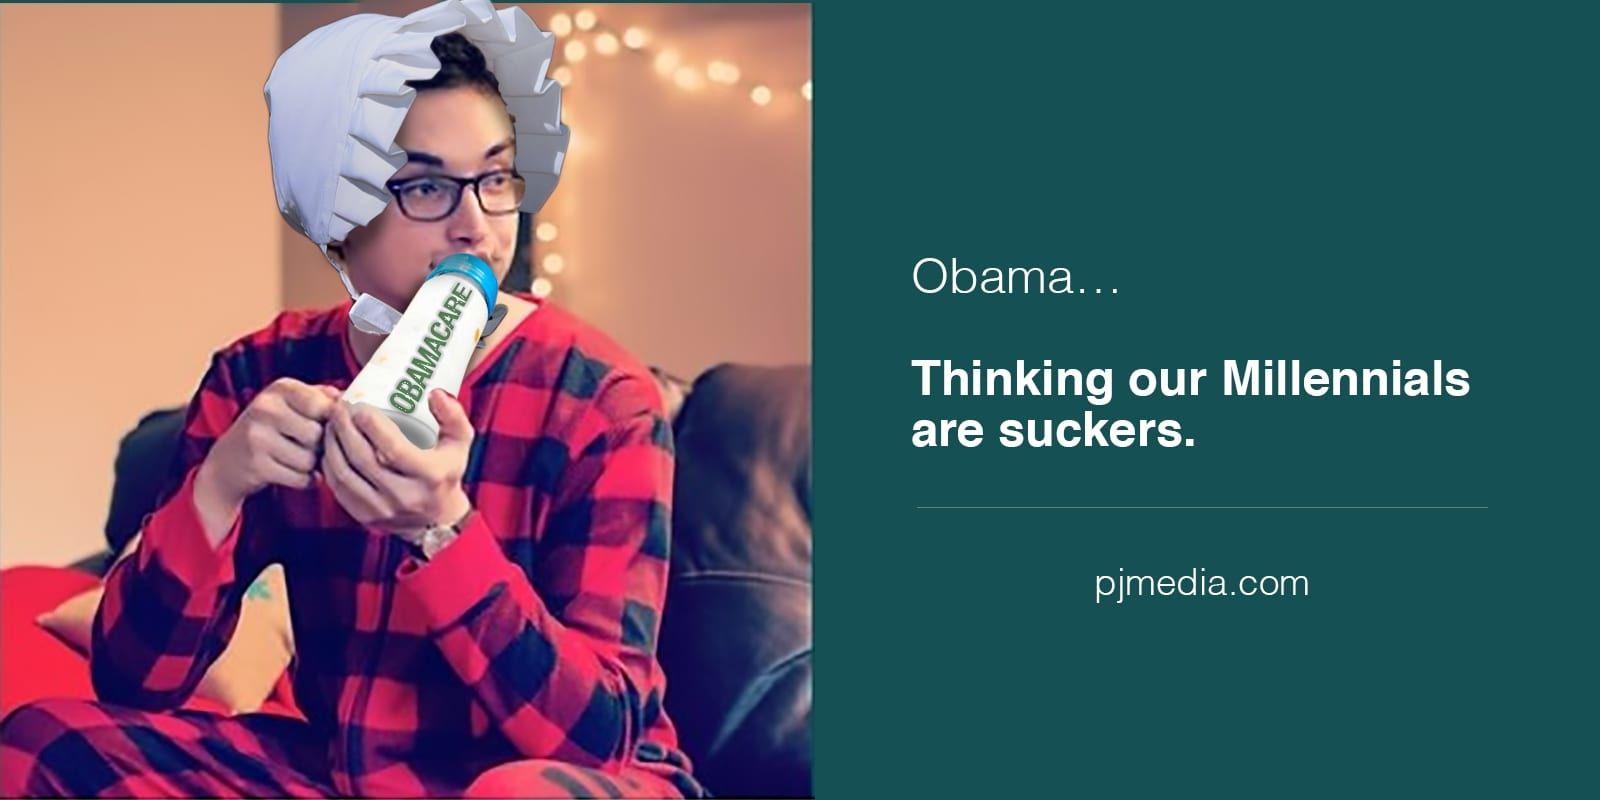 pjm_obamacare_pajamas_boy_contest_12-20-13-1